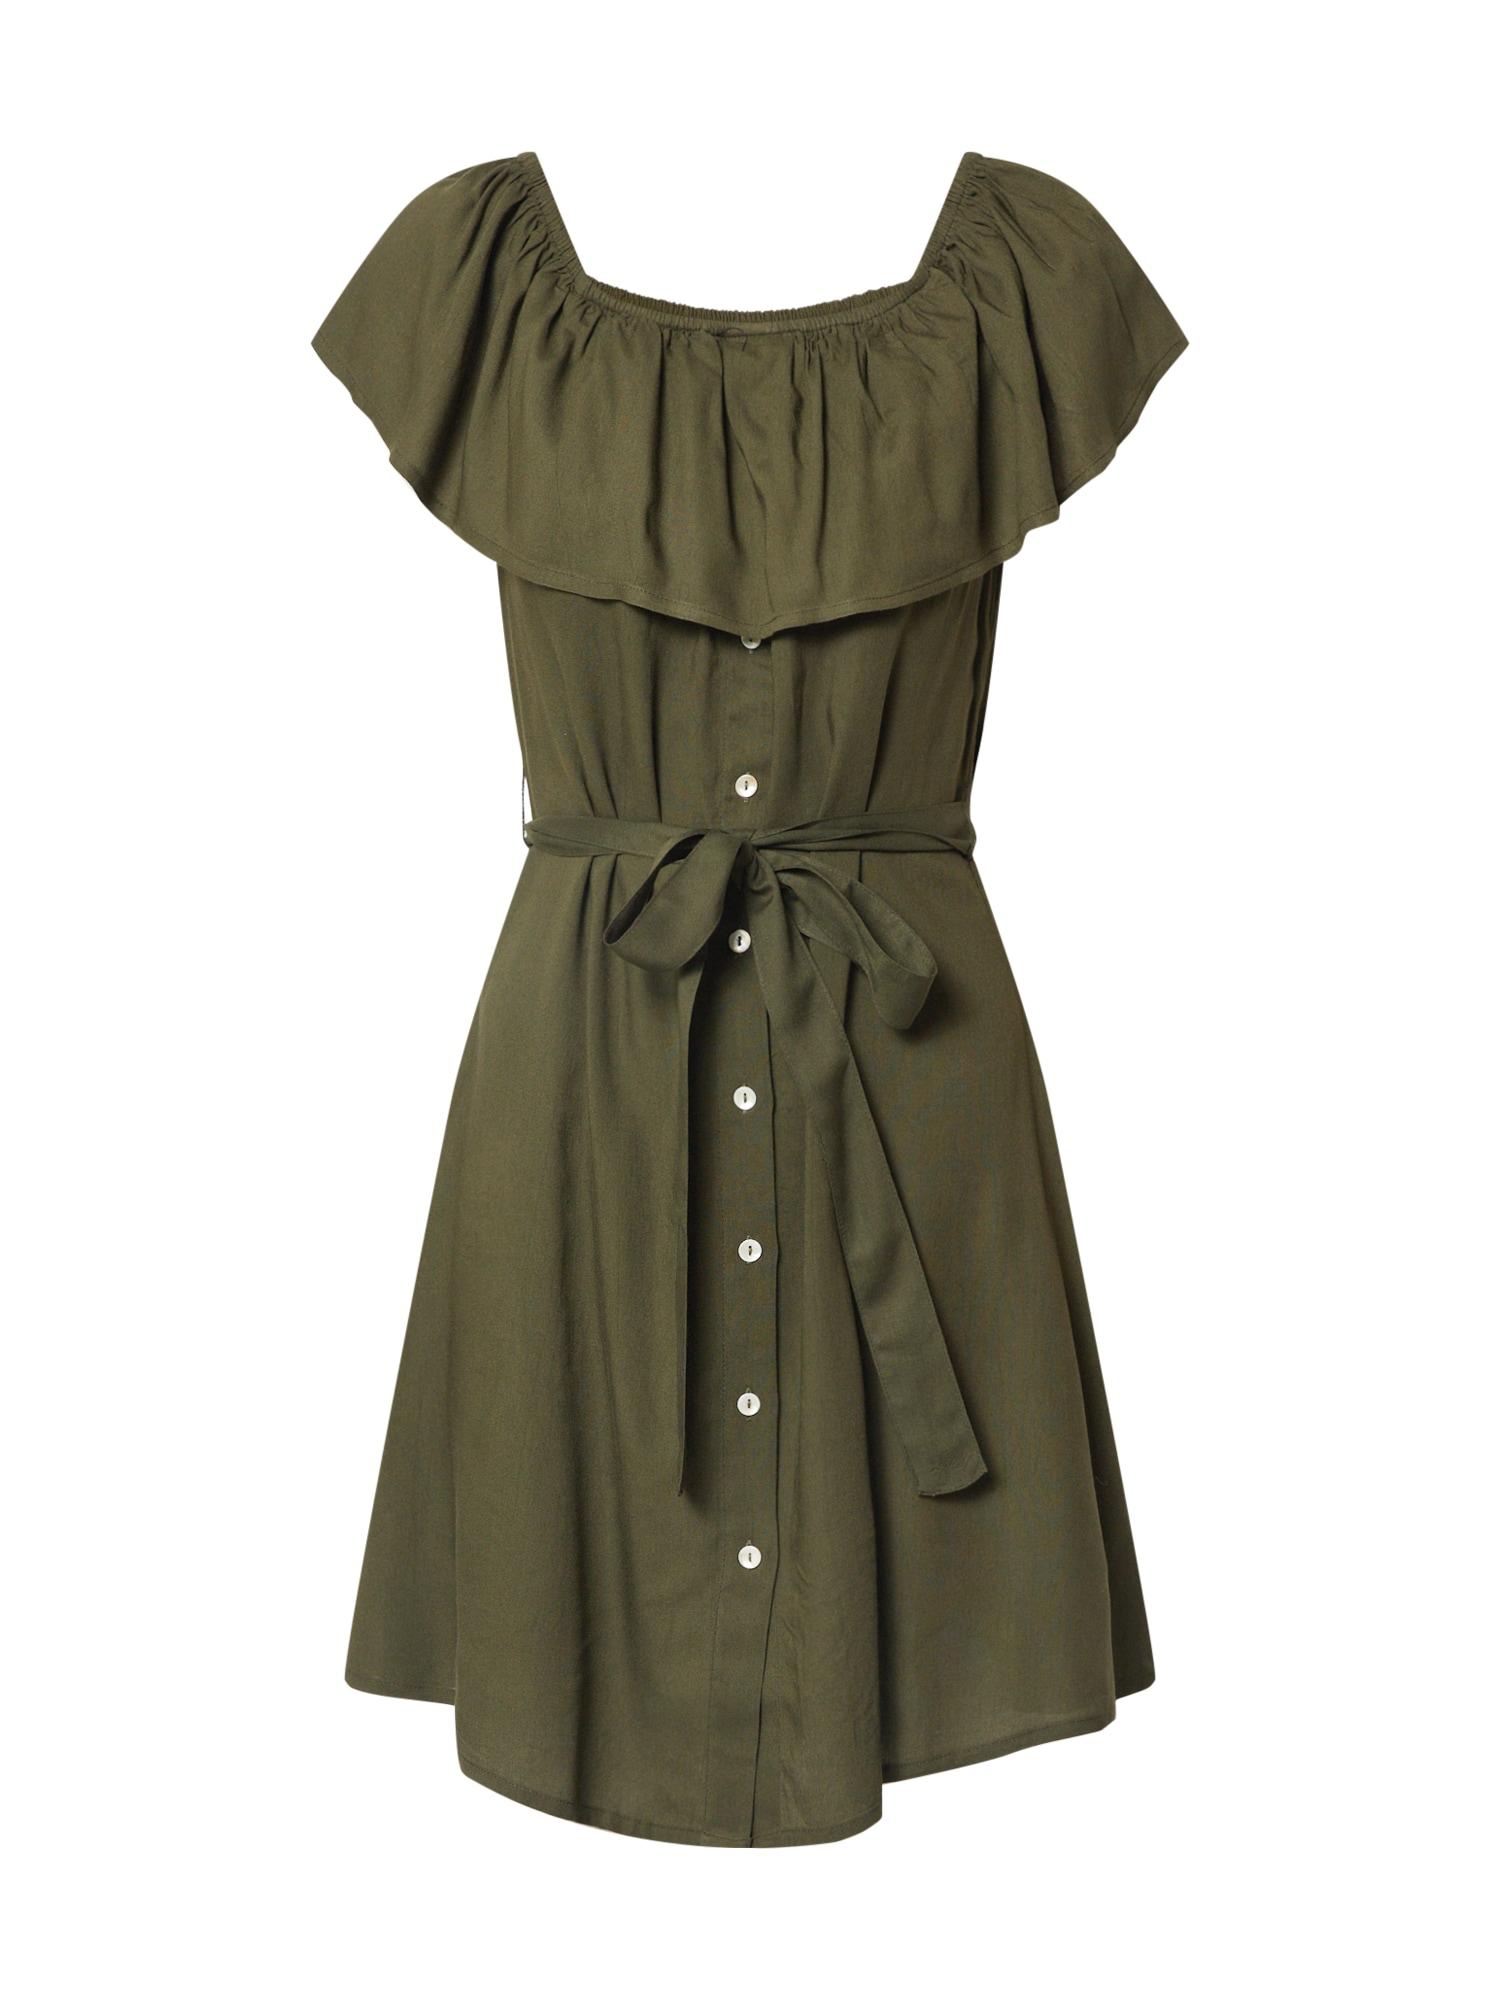 ABOUT YOU Vasarinė suknelė 'Suzi' rusvai žalia